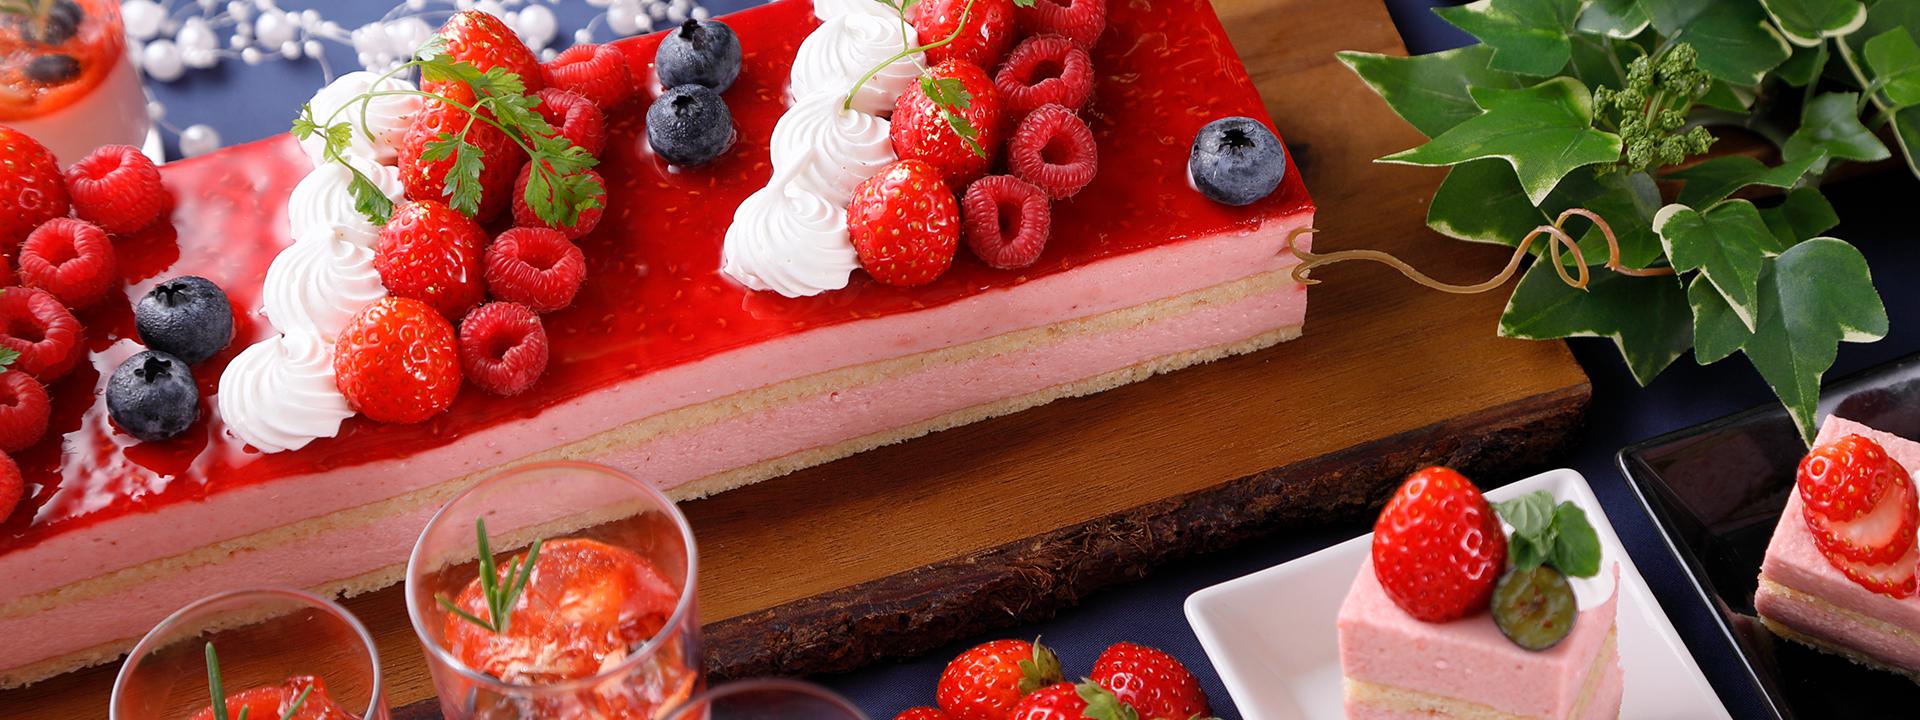 旬のいちごを贅沢に楽しめる「ナイトスイーツブッフェ ~Strawberry Hunt~」が開催! - restaurant grindelwald plan43022 img02